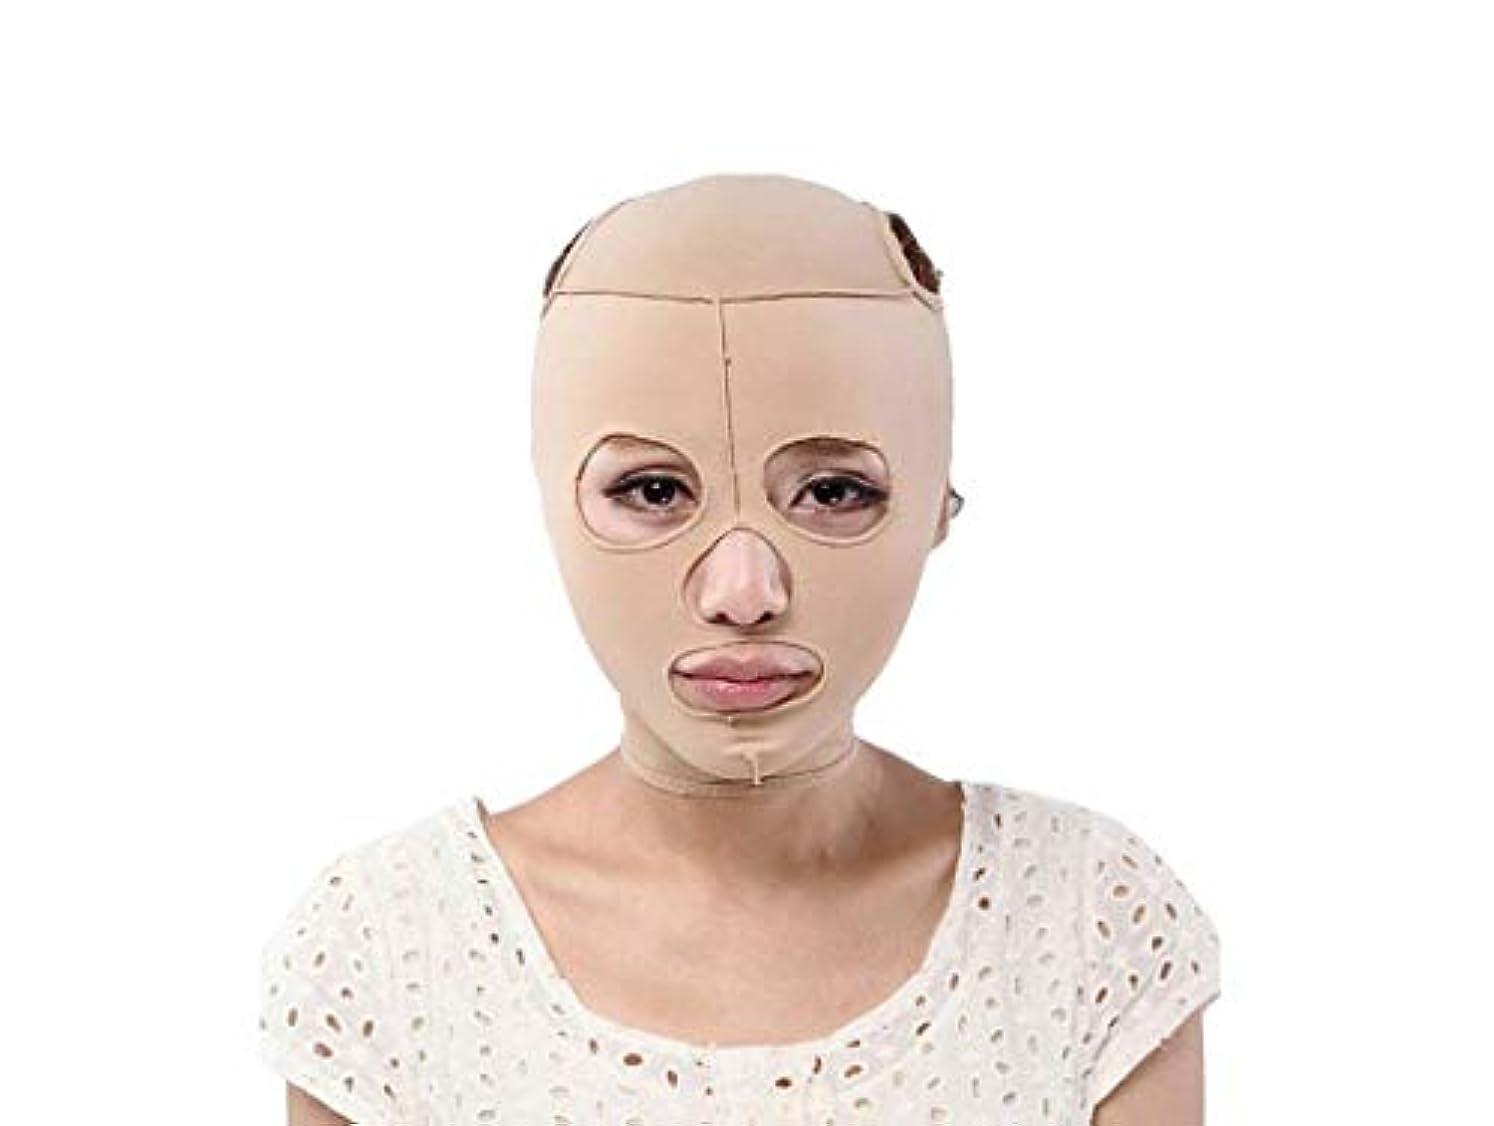 エミュレートするサドルわかりやすいスリミングベルト、フェイスマスクシンフェイスインストゥルメントリフティングファーミングVフェイス男性と女性フェイスリフティングステッカーダブルチンフェイスリフティングフェイスマスク包帯フェイシャルマッサージ(サイズ:Xl),M